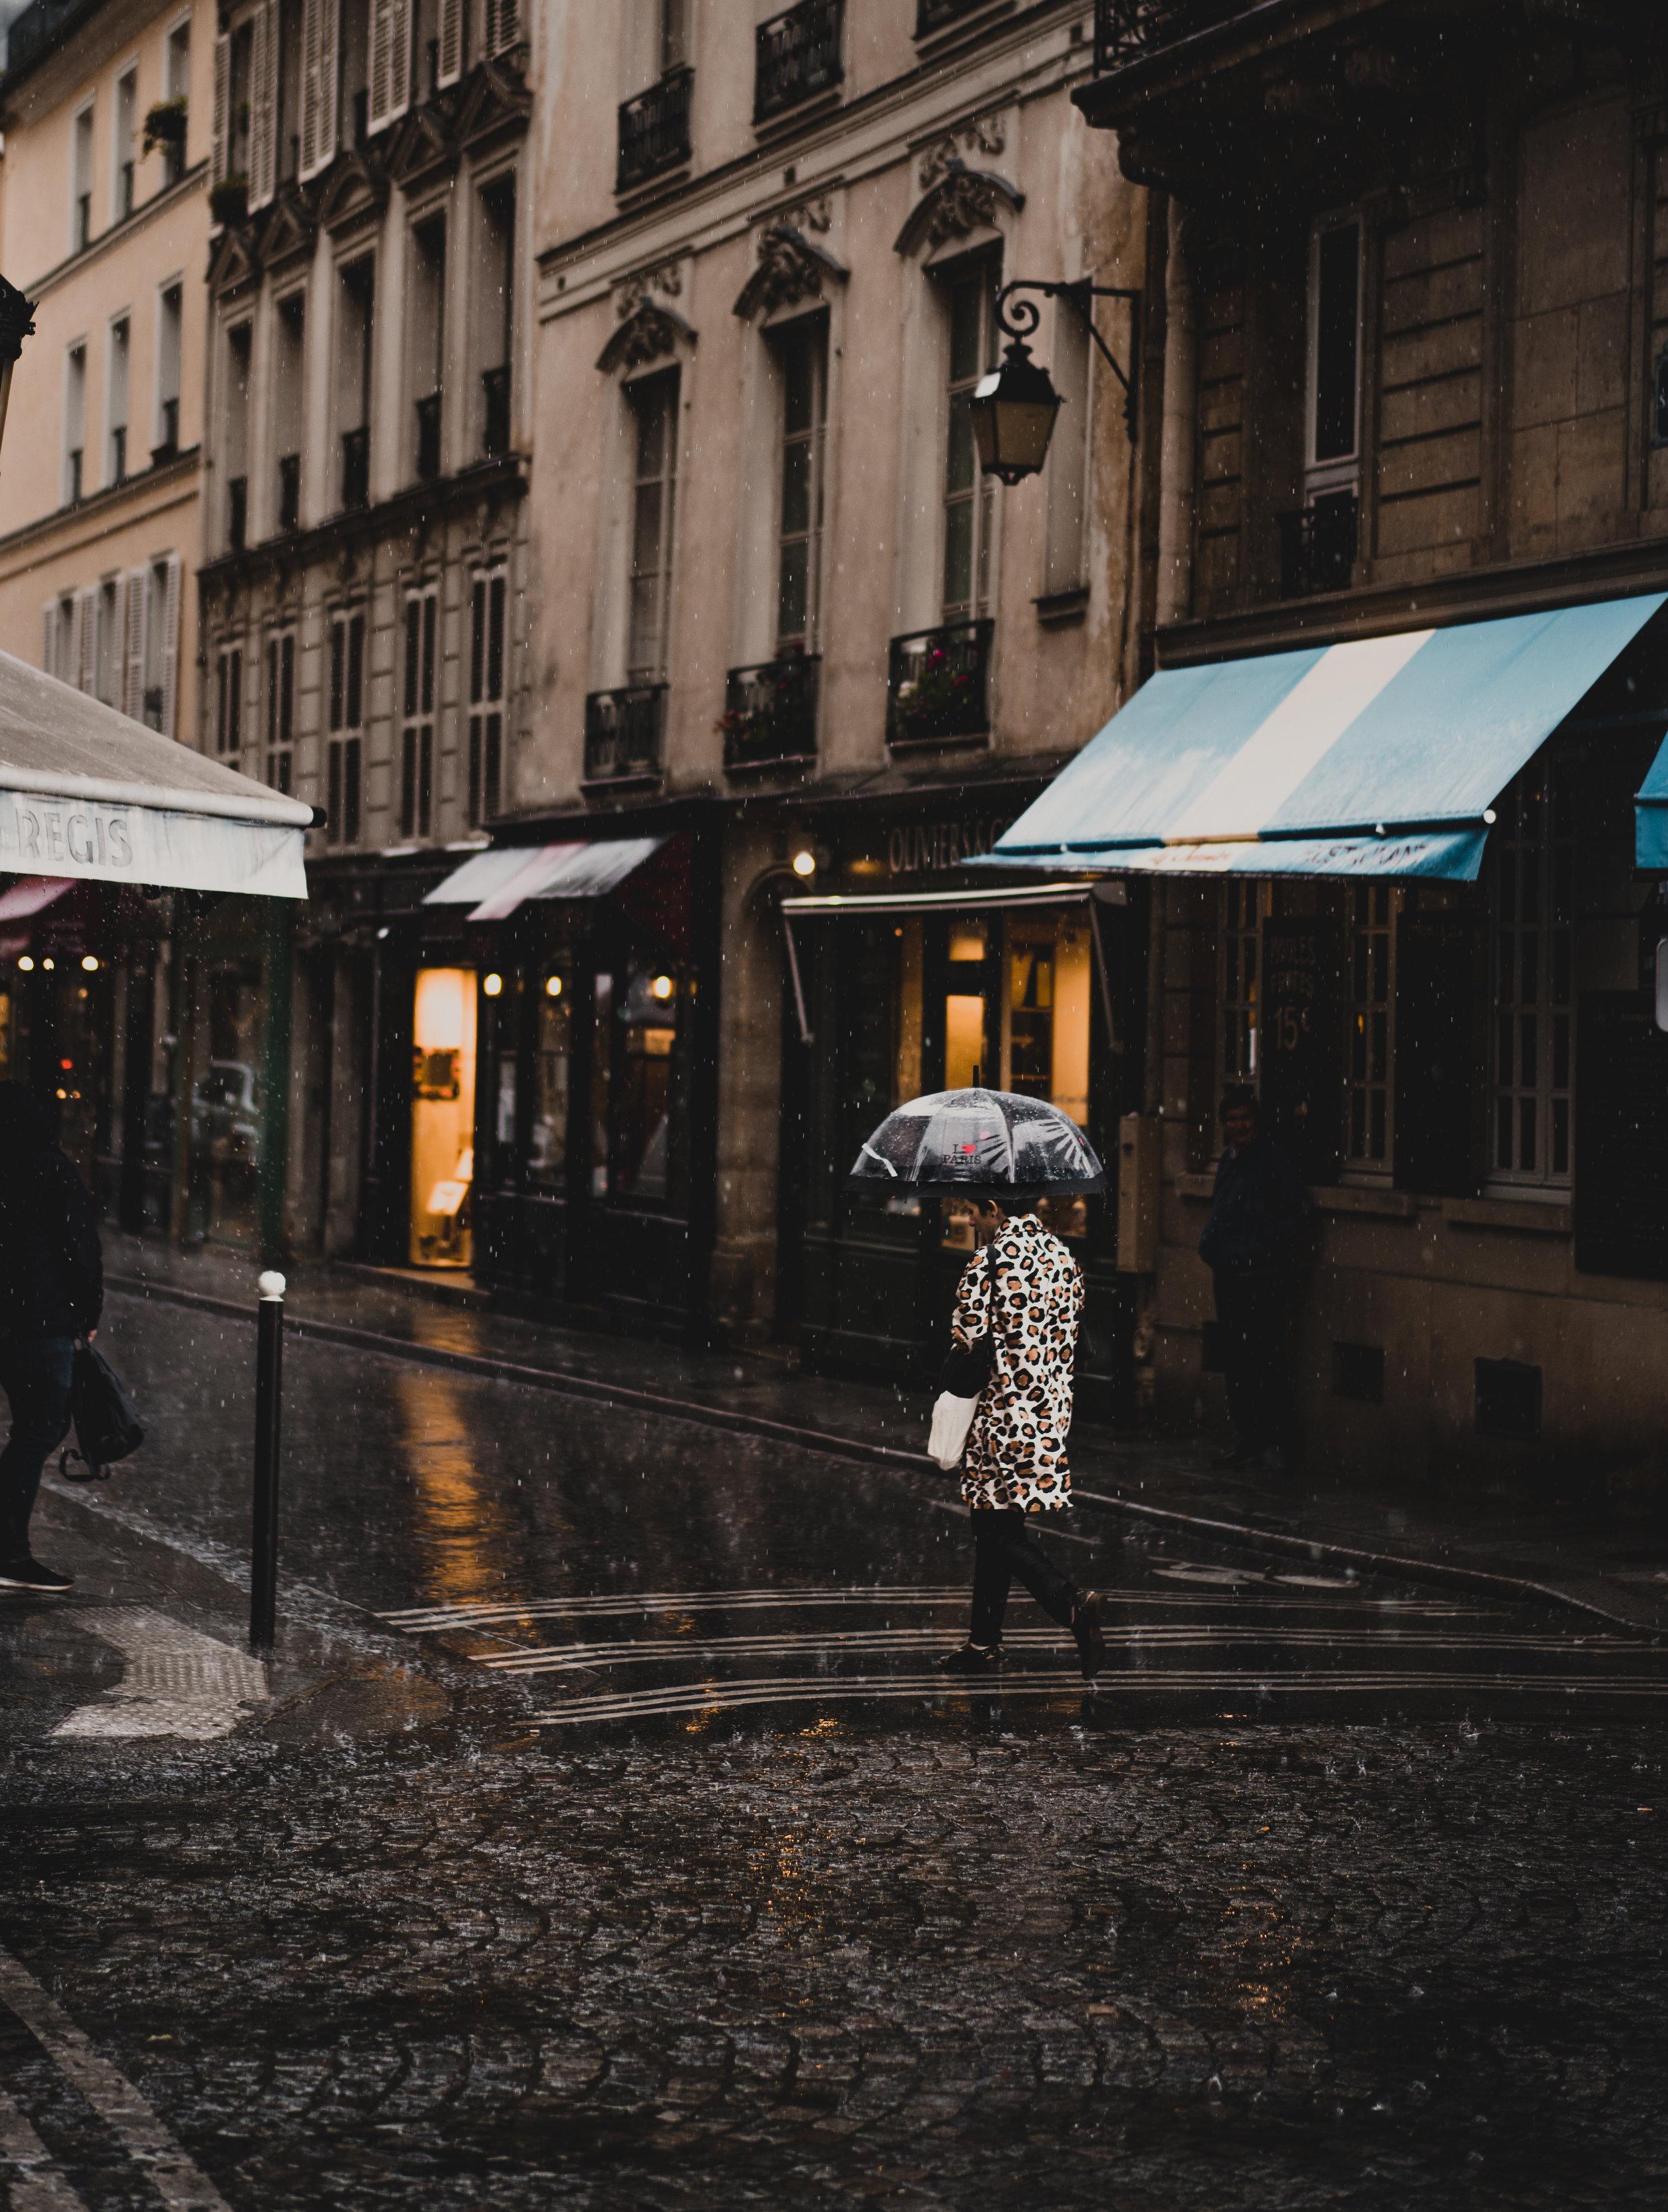 FE Unbrella Zebra (1 of 1).jpg